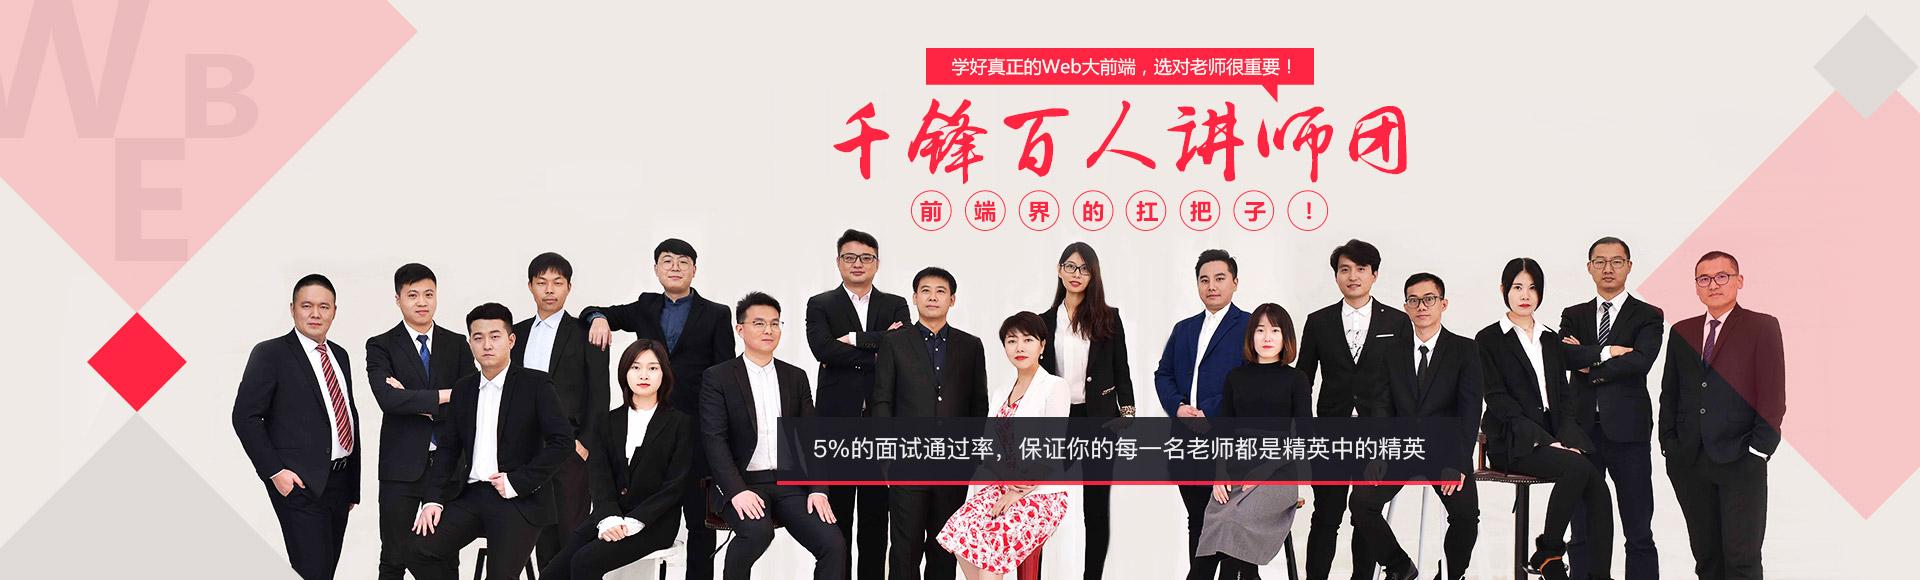 深圳千峰HTML5就业班